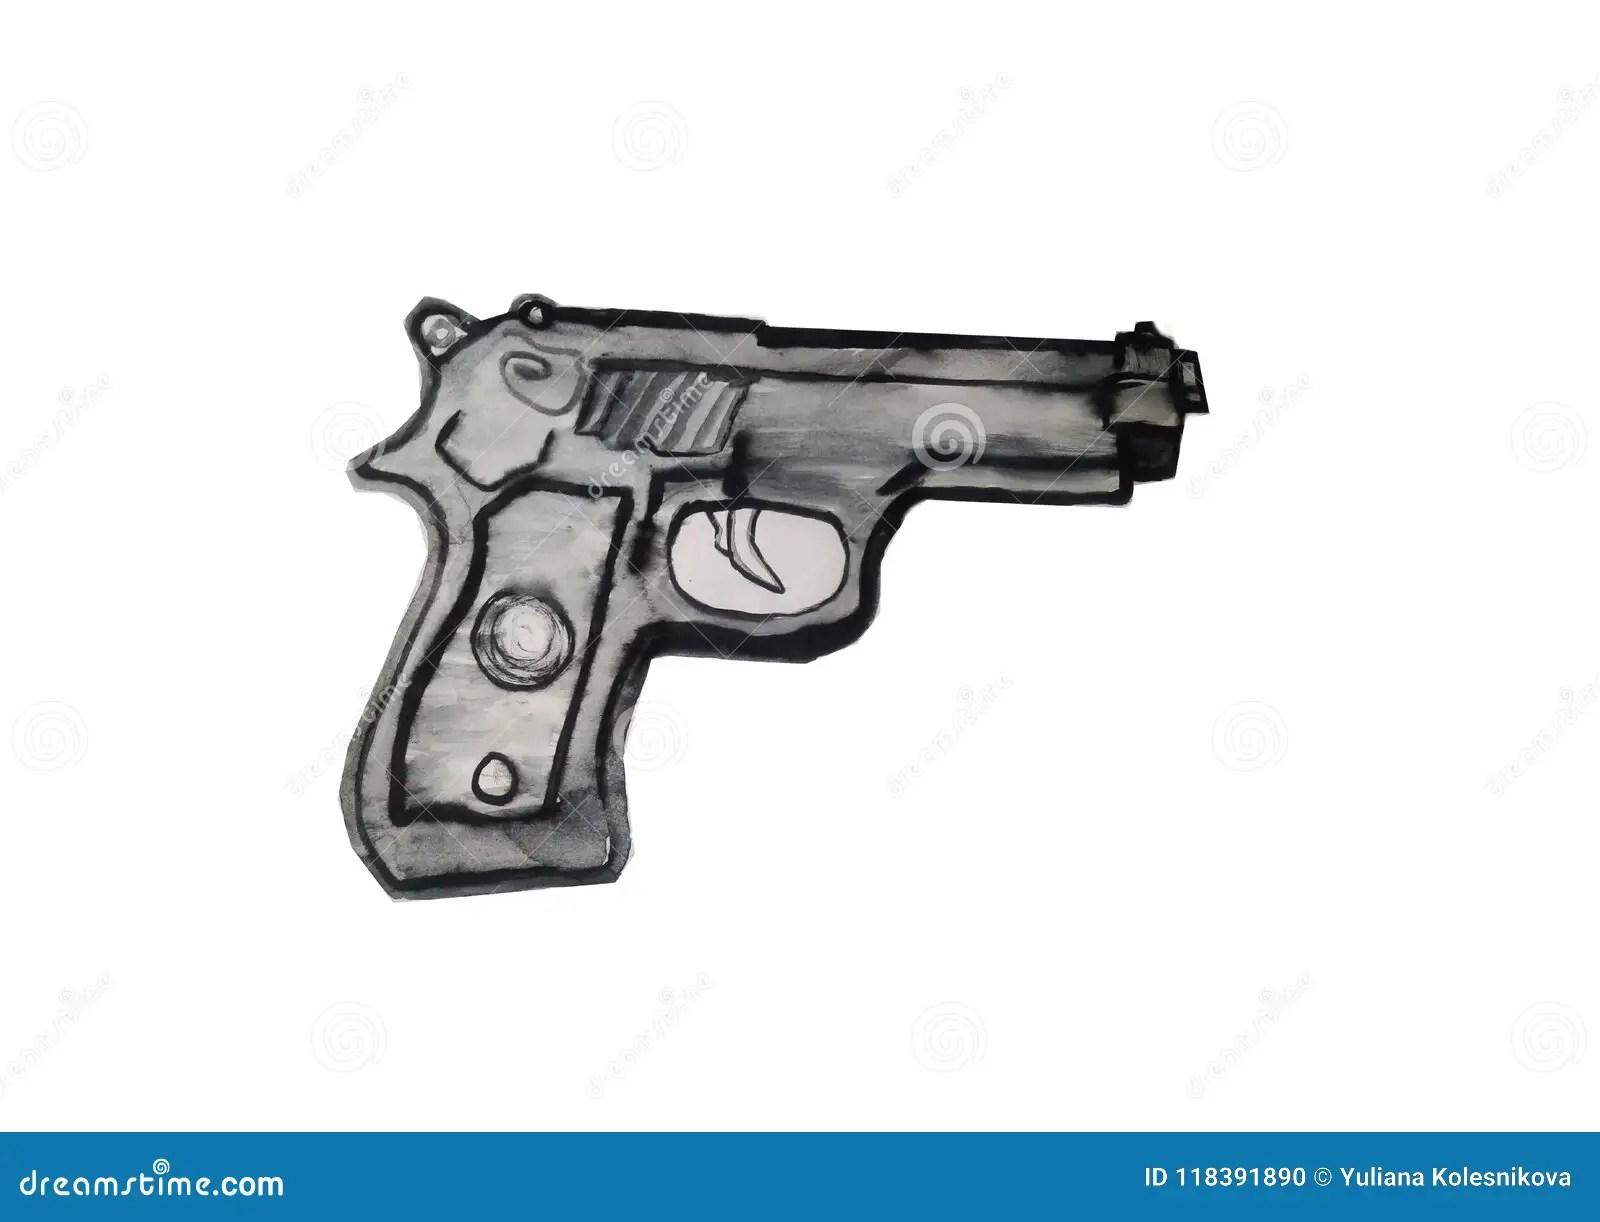 hight resolution of vector art illustration black gun clipart